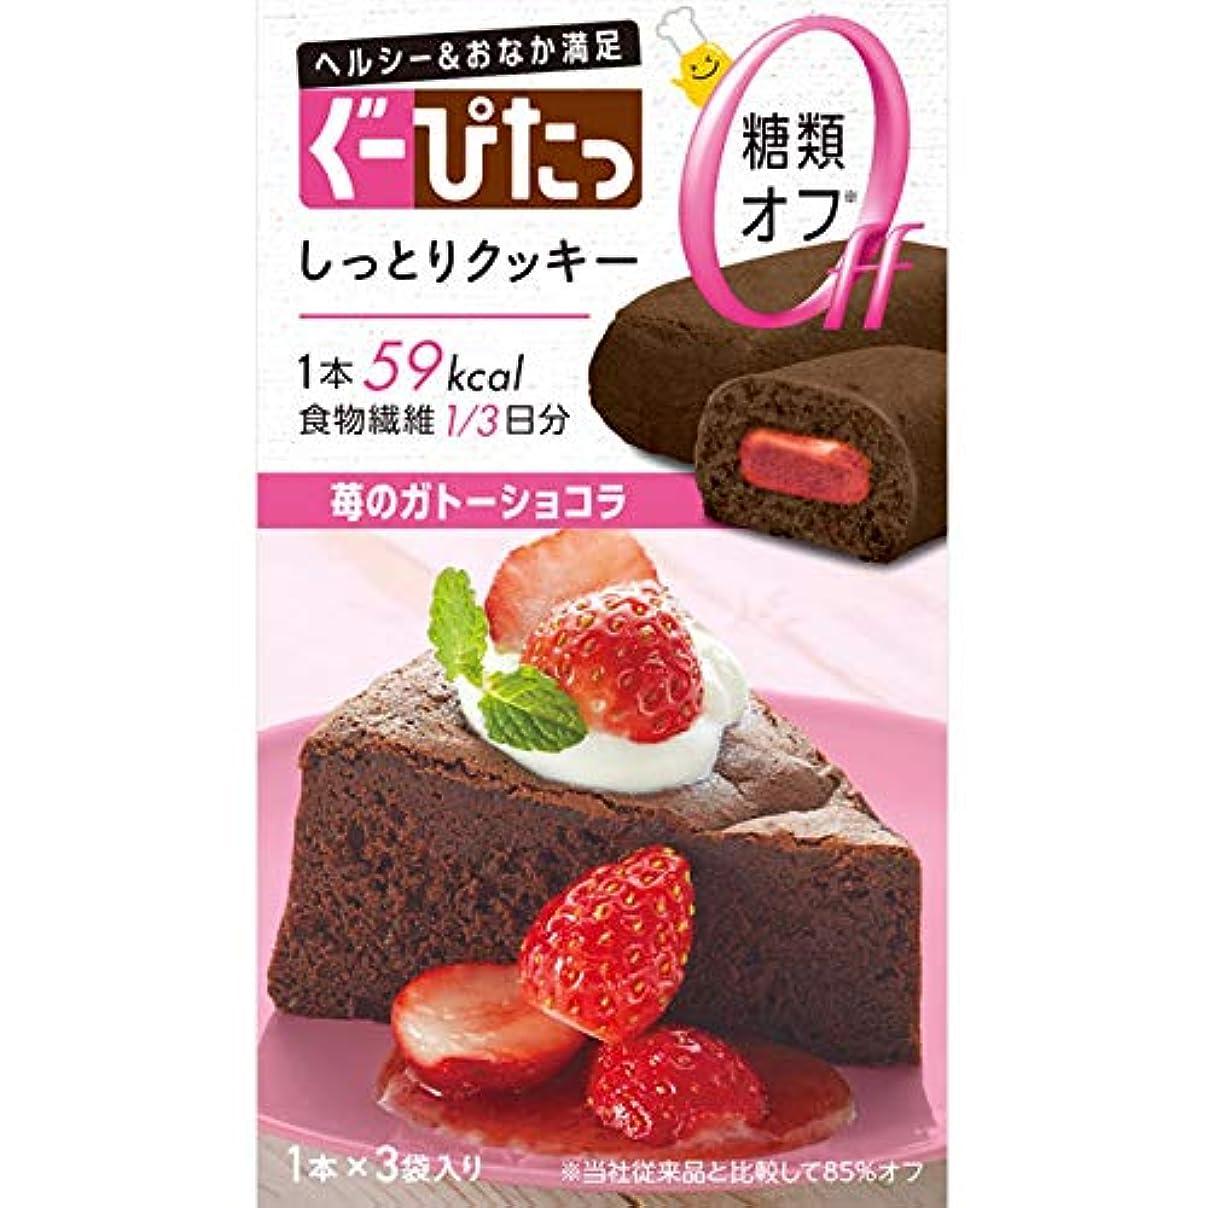 モスク副詞フィードオンナリスアップ ぐーぴたっ しっとりクッキー 苺のガトーショコラ (3本) ダイエット食品